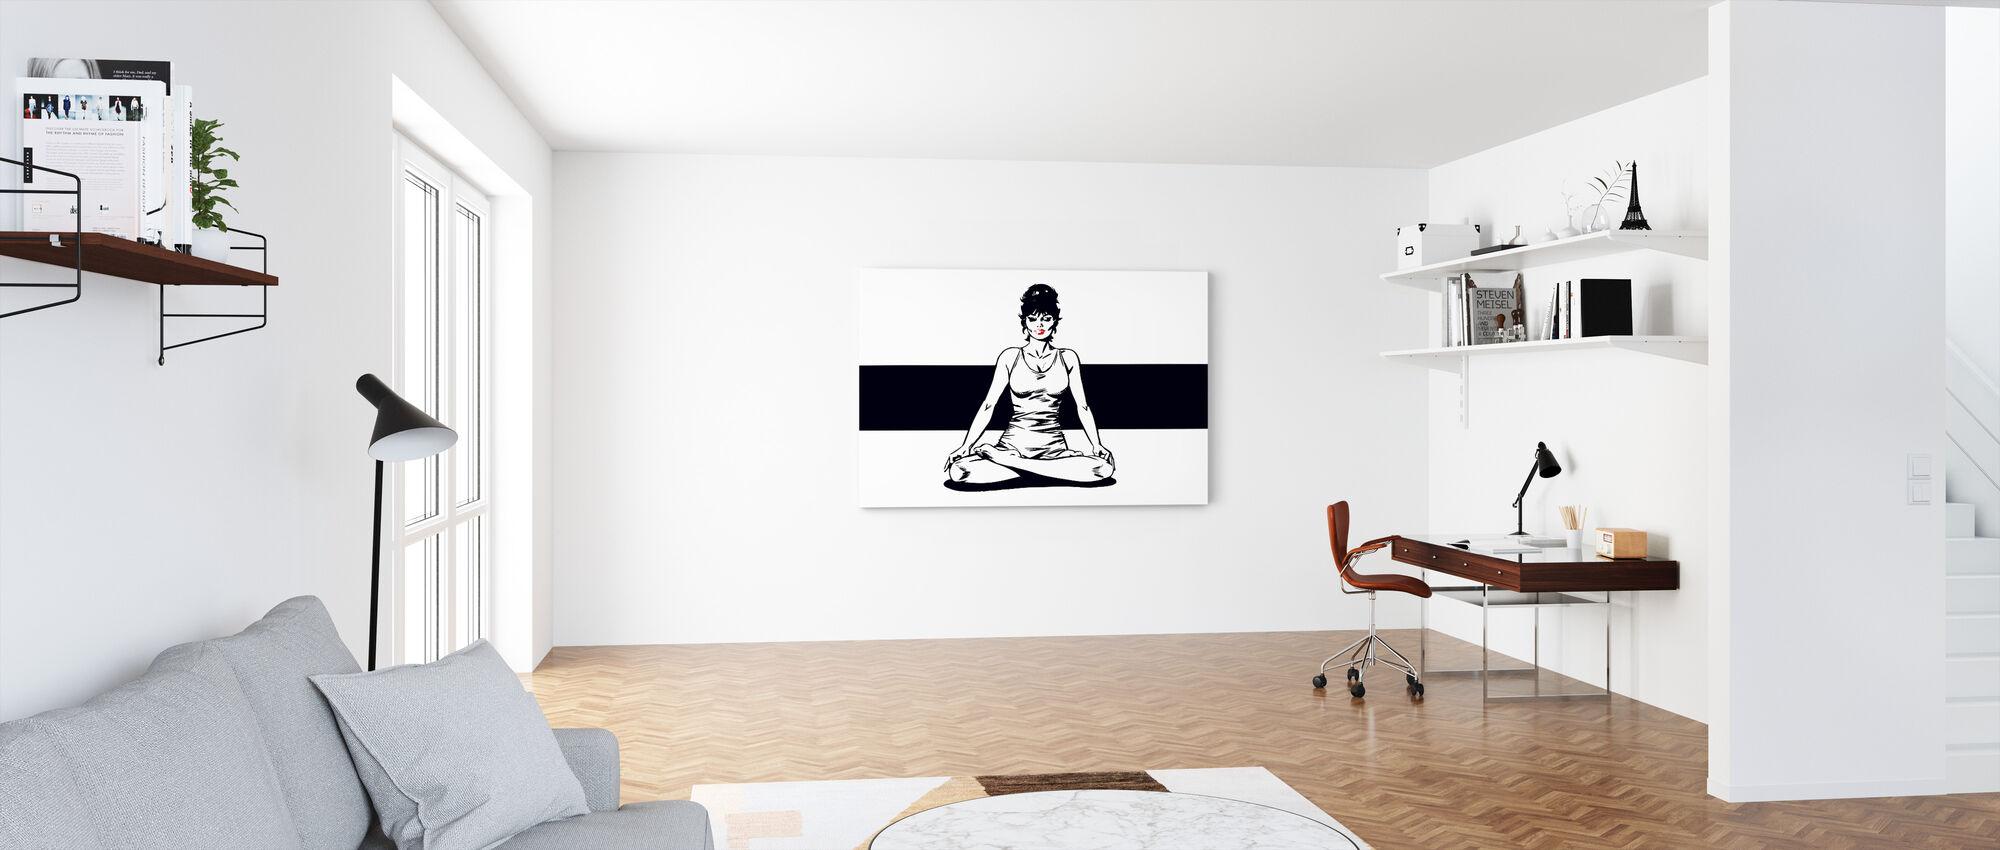 Beskjedenhet mediterer - Lerretsbilde - Kontor